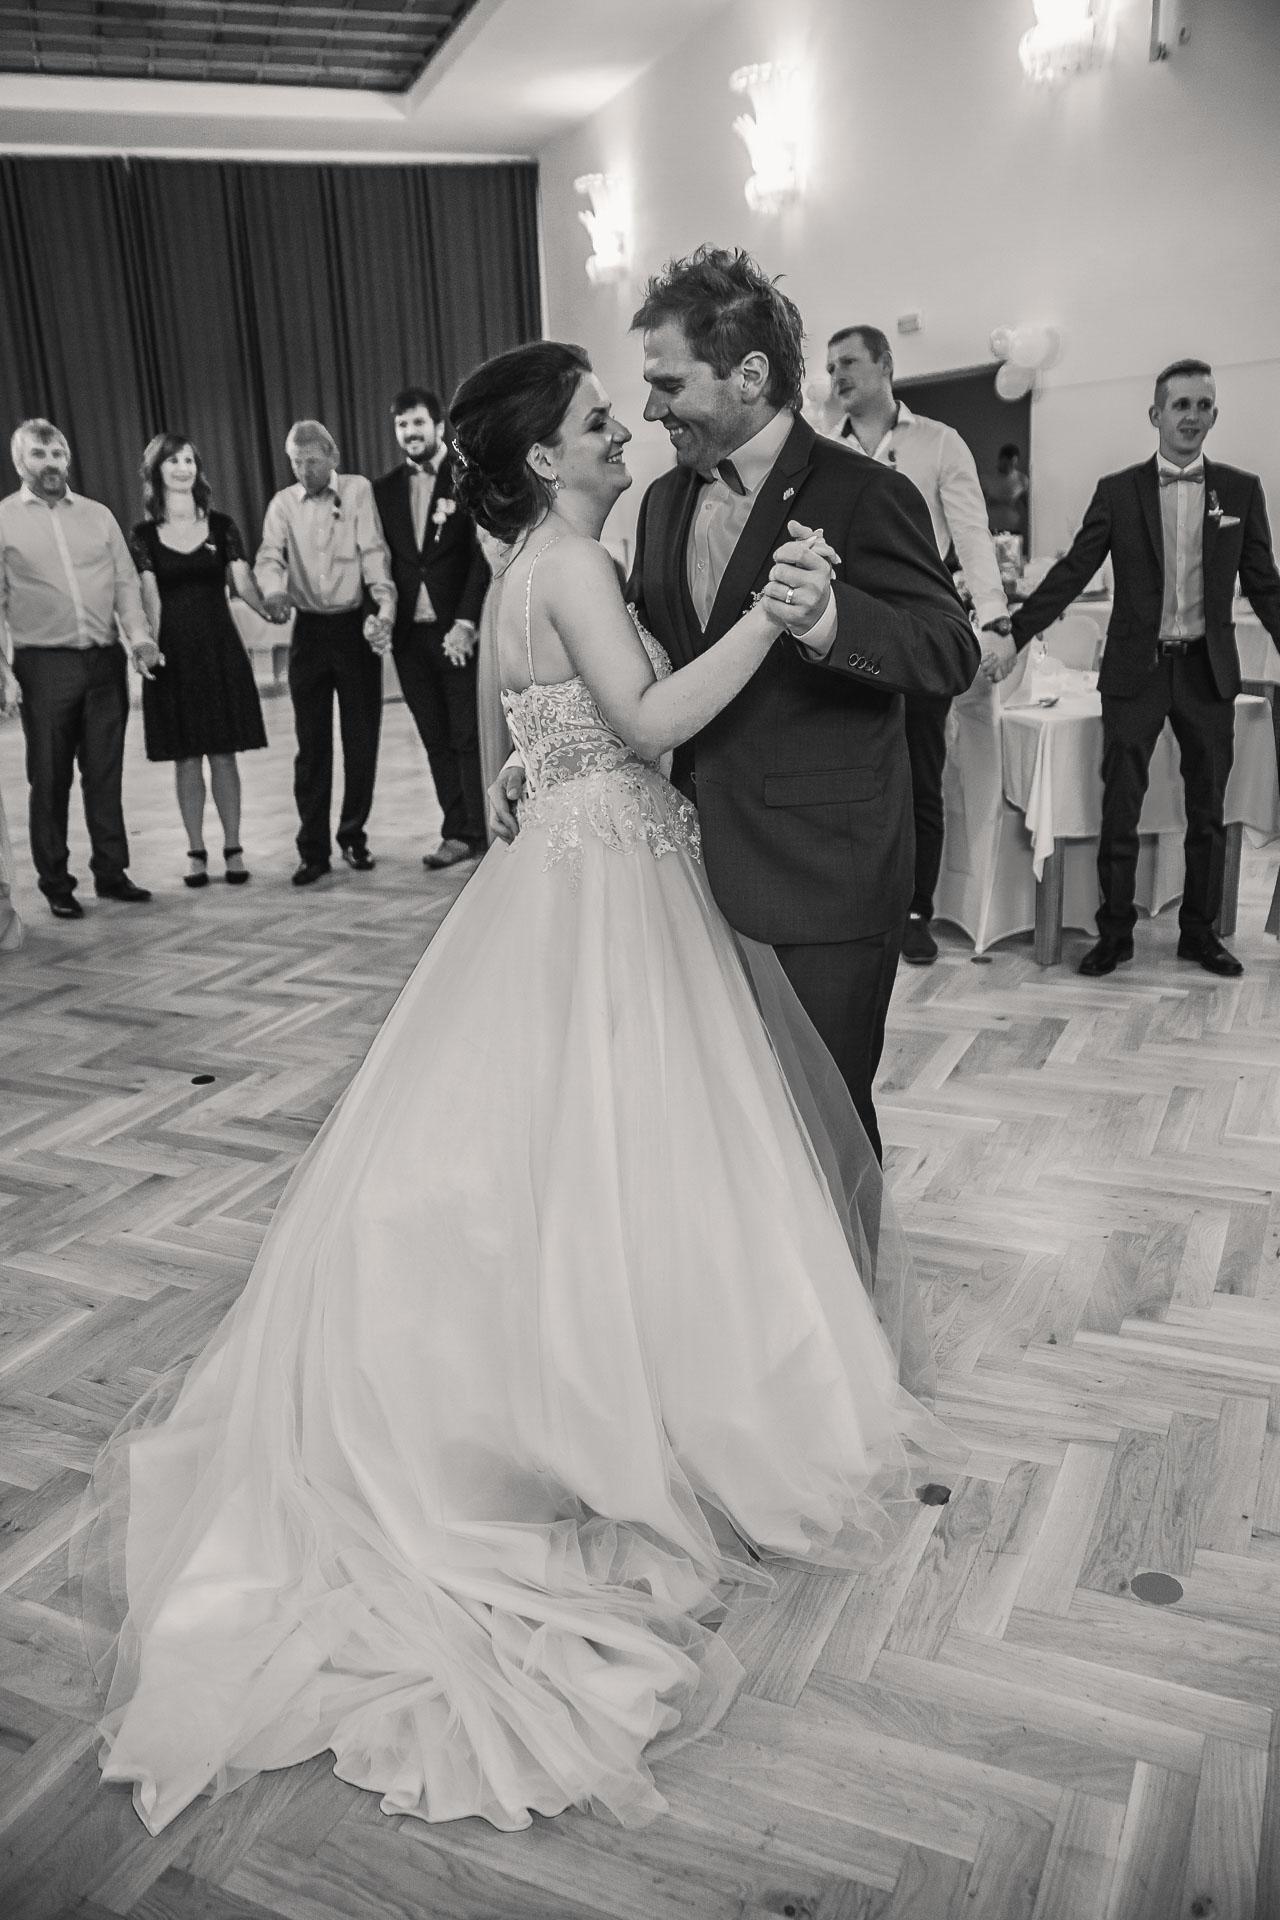 svatební-fotografie-Říp-svatební-video-ŘÍP-svatební-fotograf-ŘÍP-svatba-Mělník-svatba-Neratovice-fotograf-na-savtbu-kameraman-na-svatbu-268